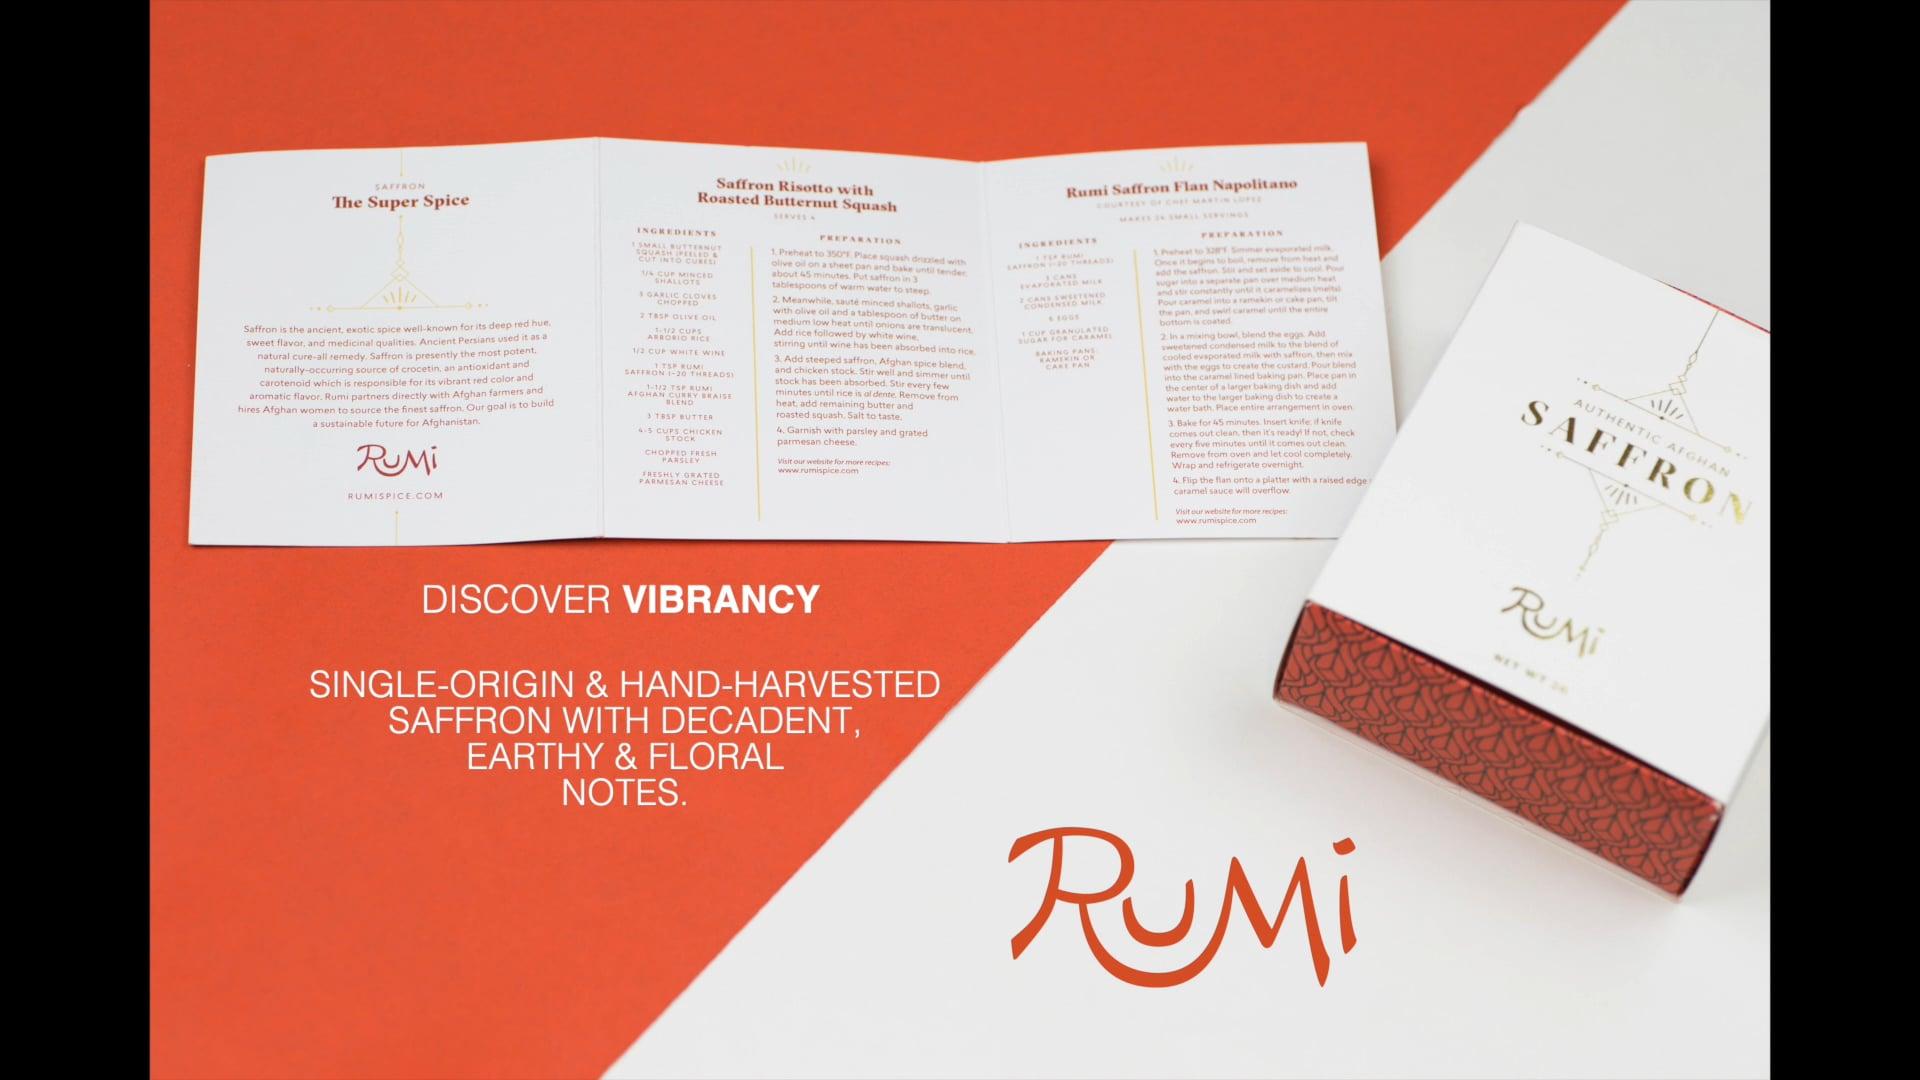 Rumi Spice - Saffron